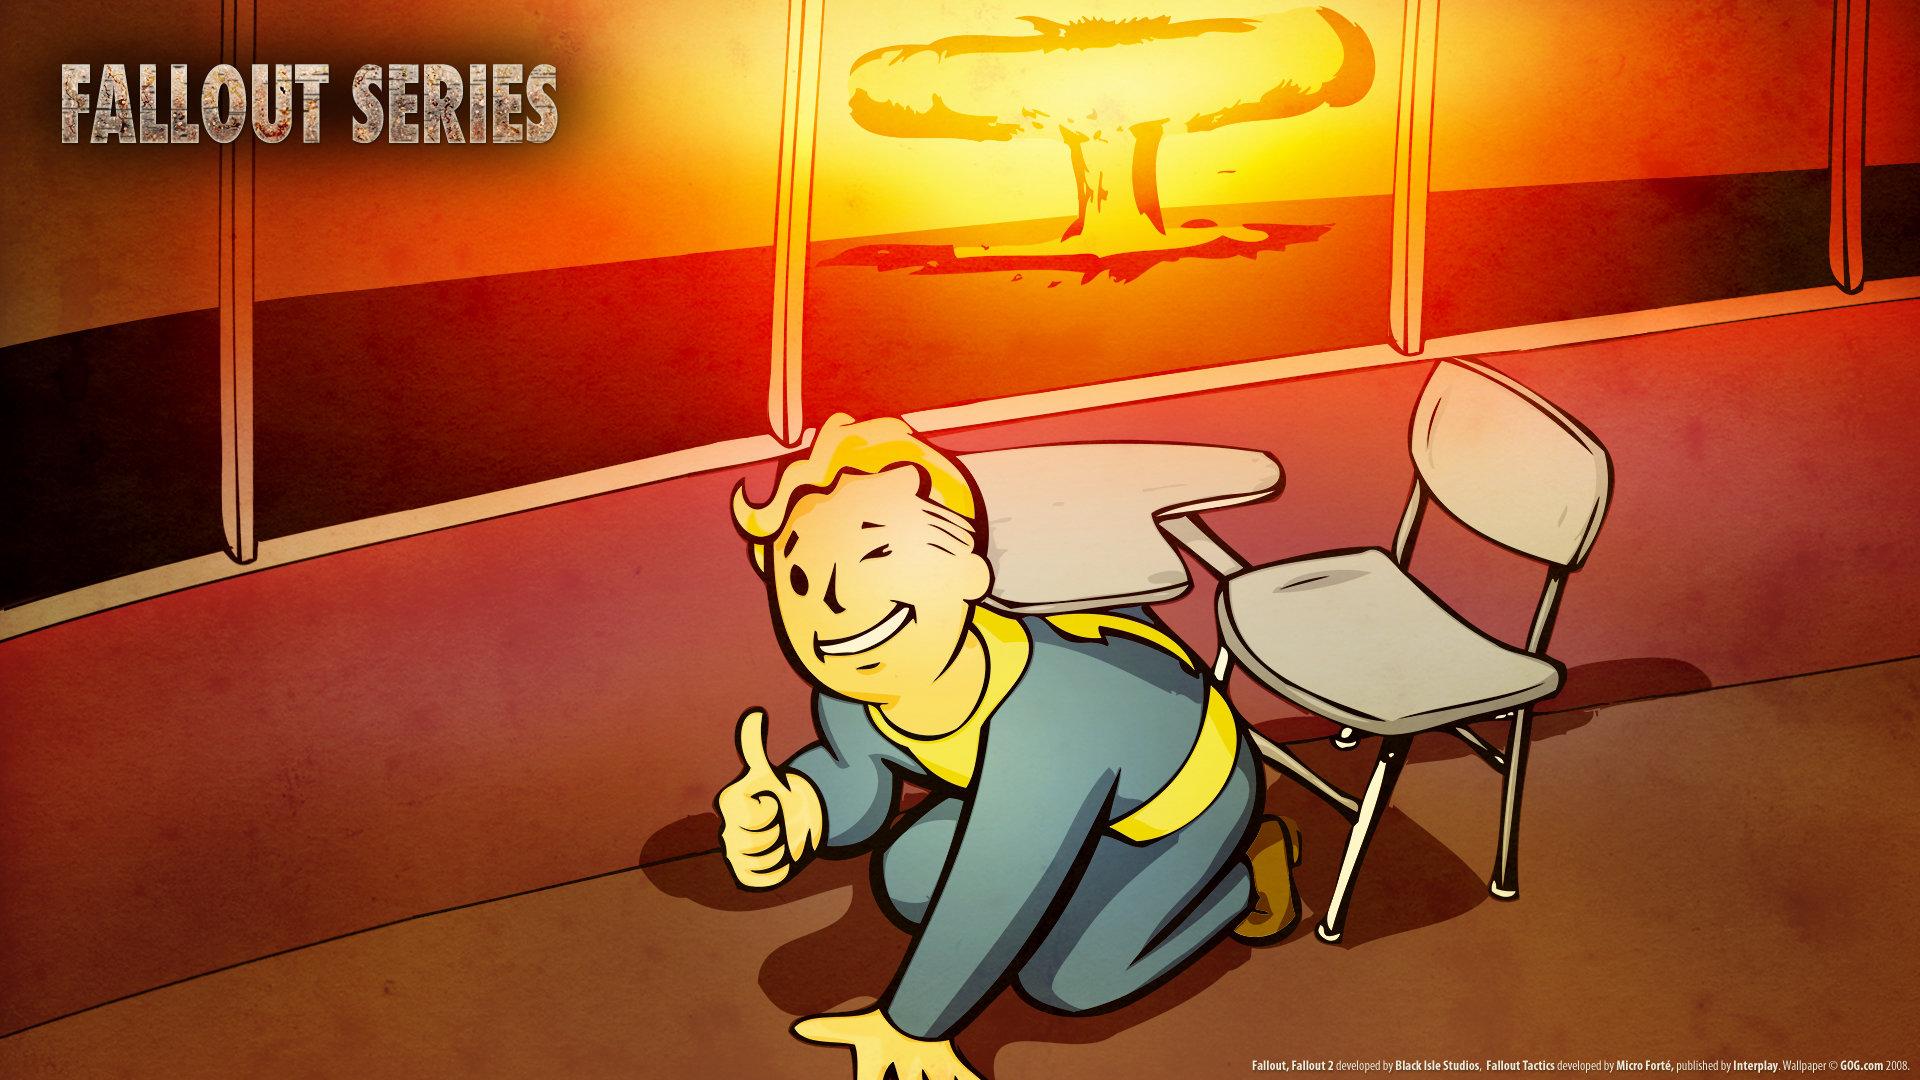 Das Spiel greift den sorglosen Umgang mit Atomtechnik der 1950er-Jahre auf